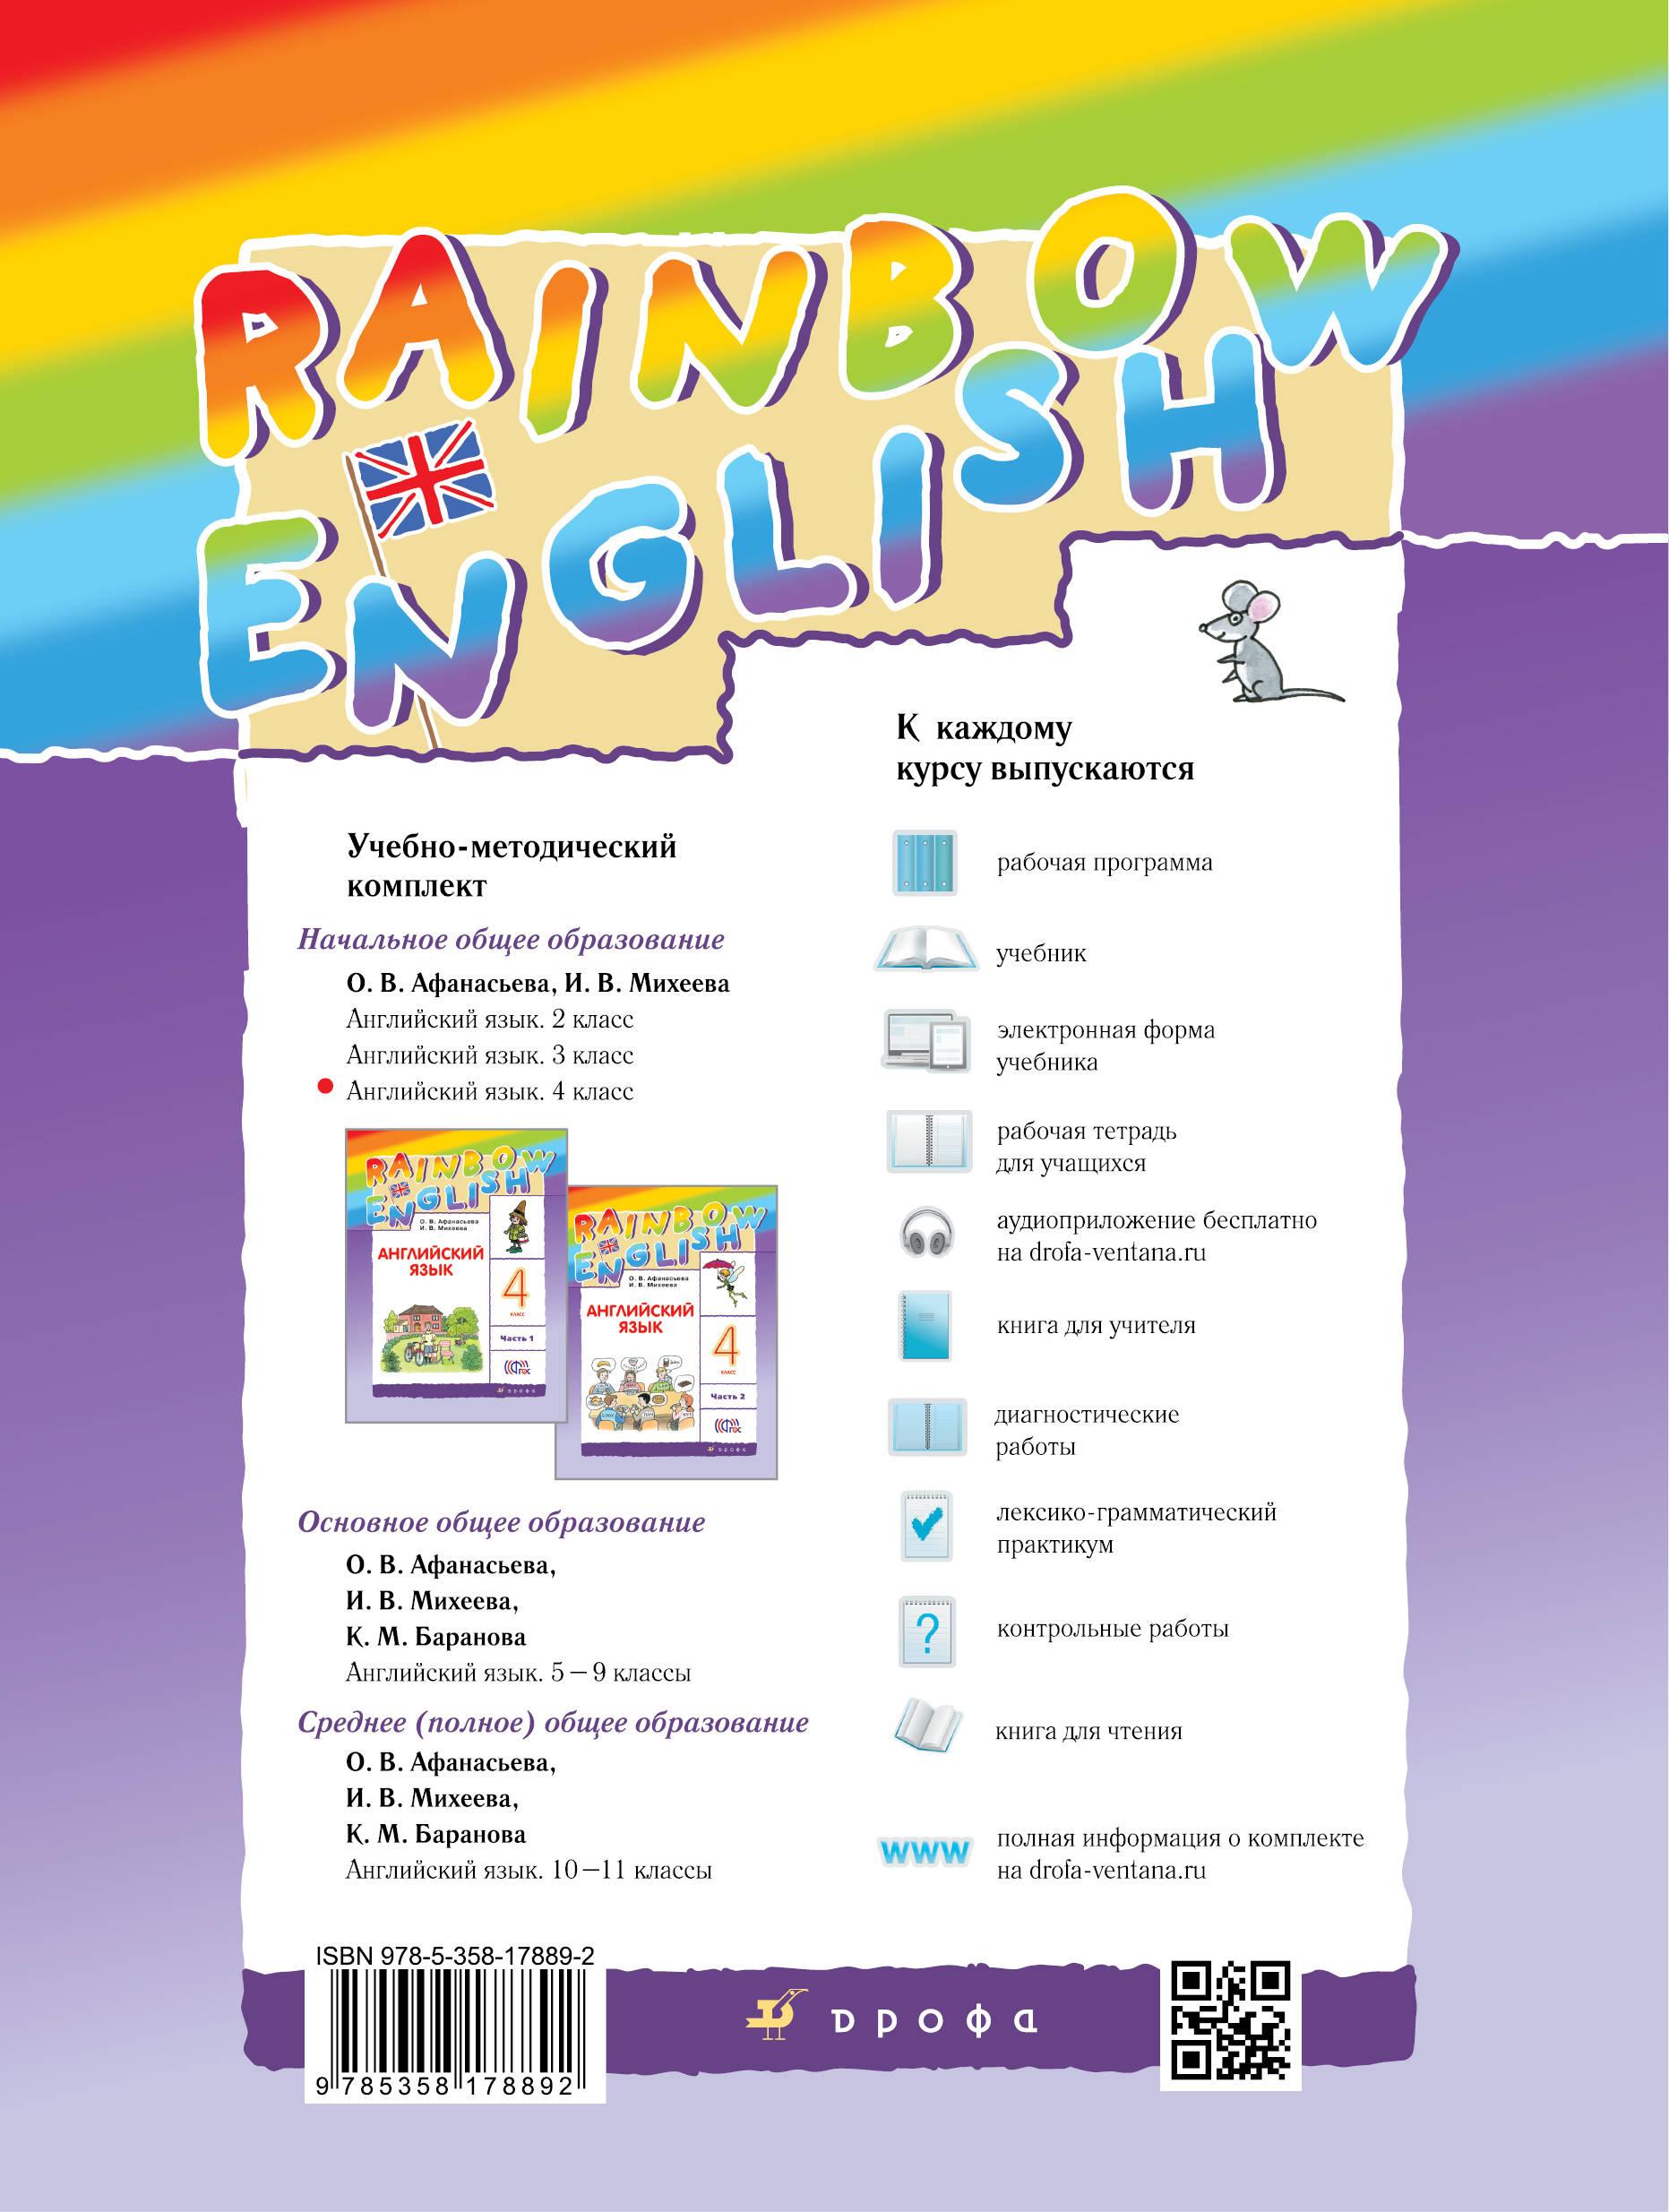 Афанасьева класс гдз 7 для язык книга чтения английский михеева